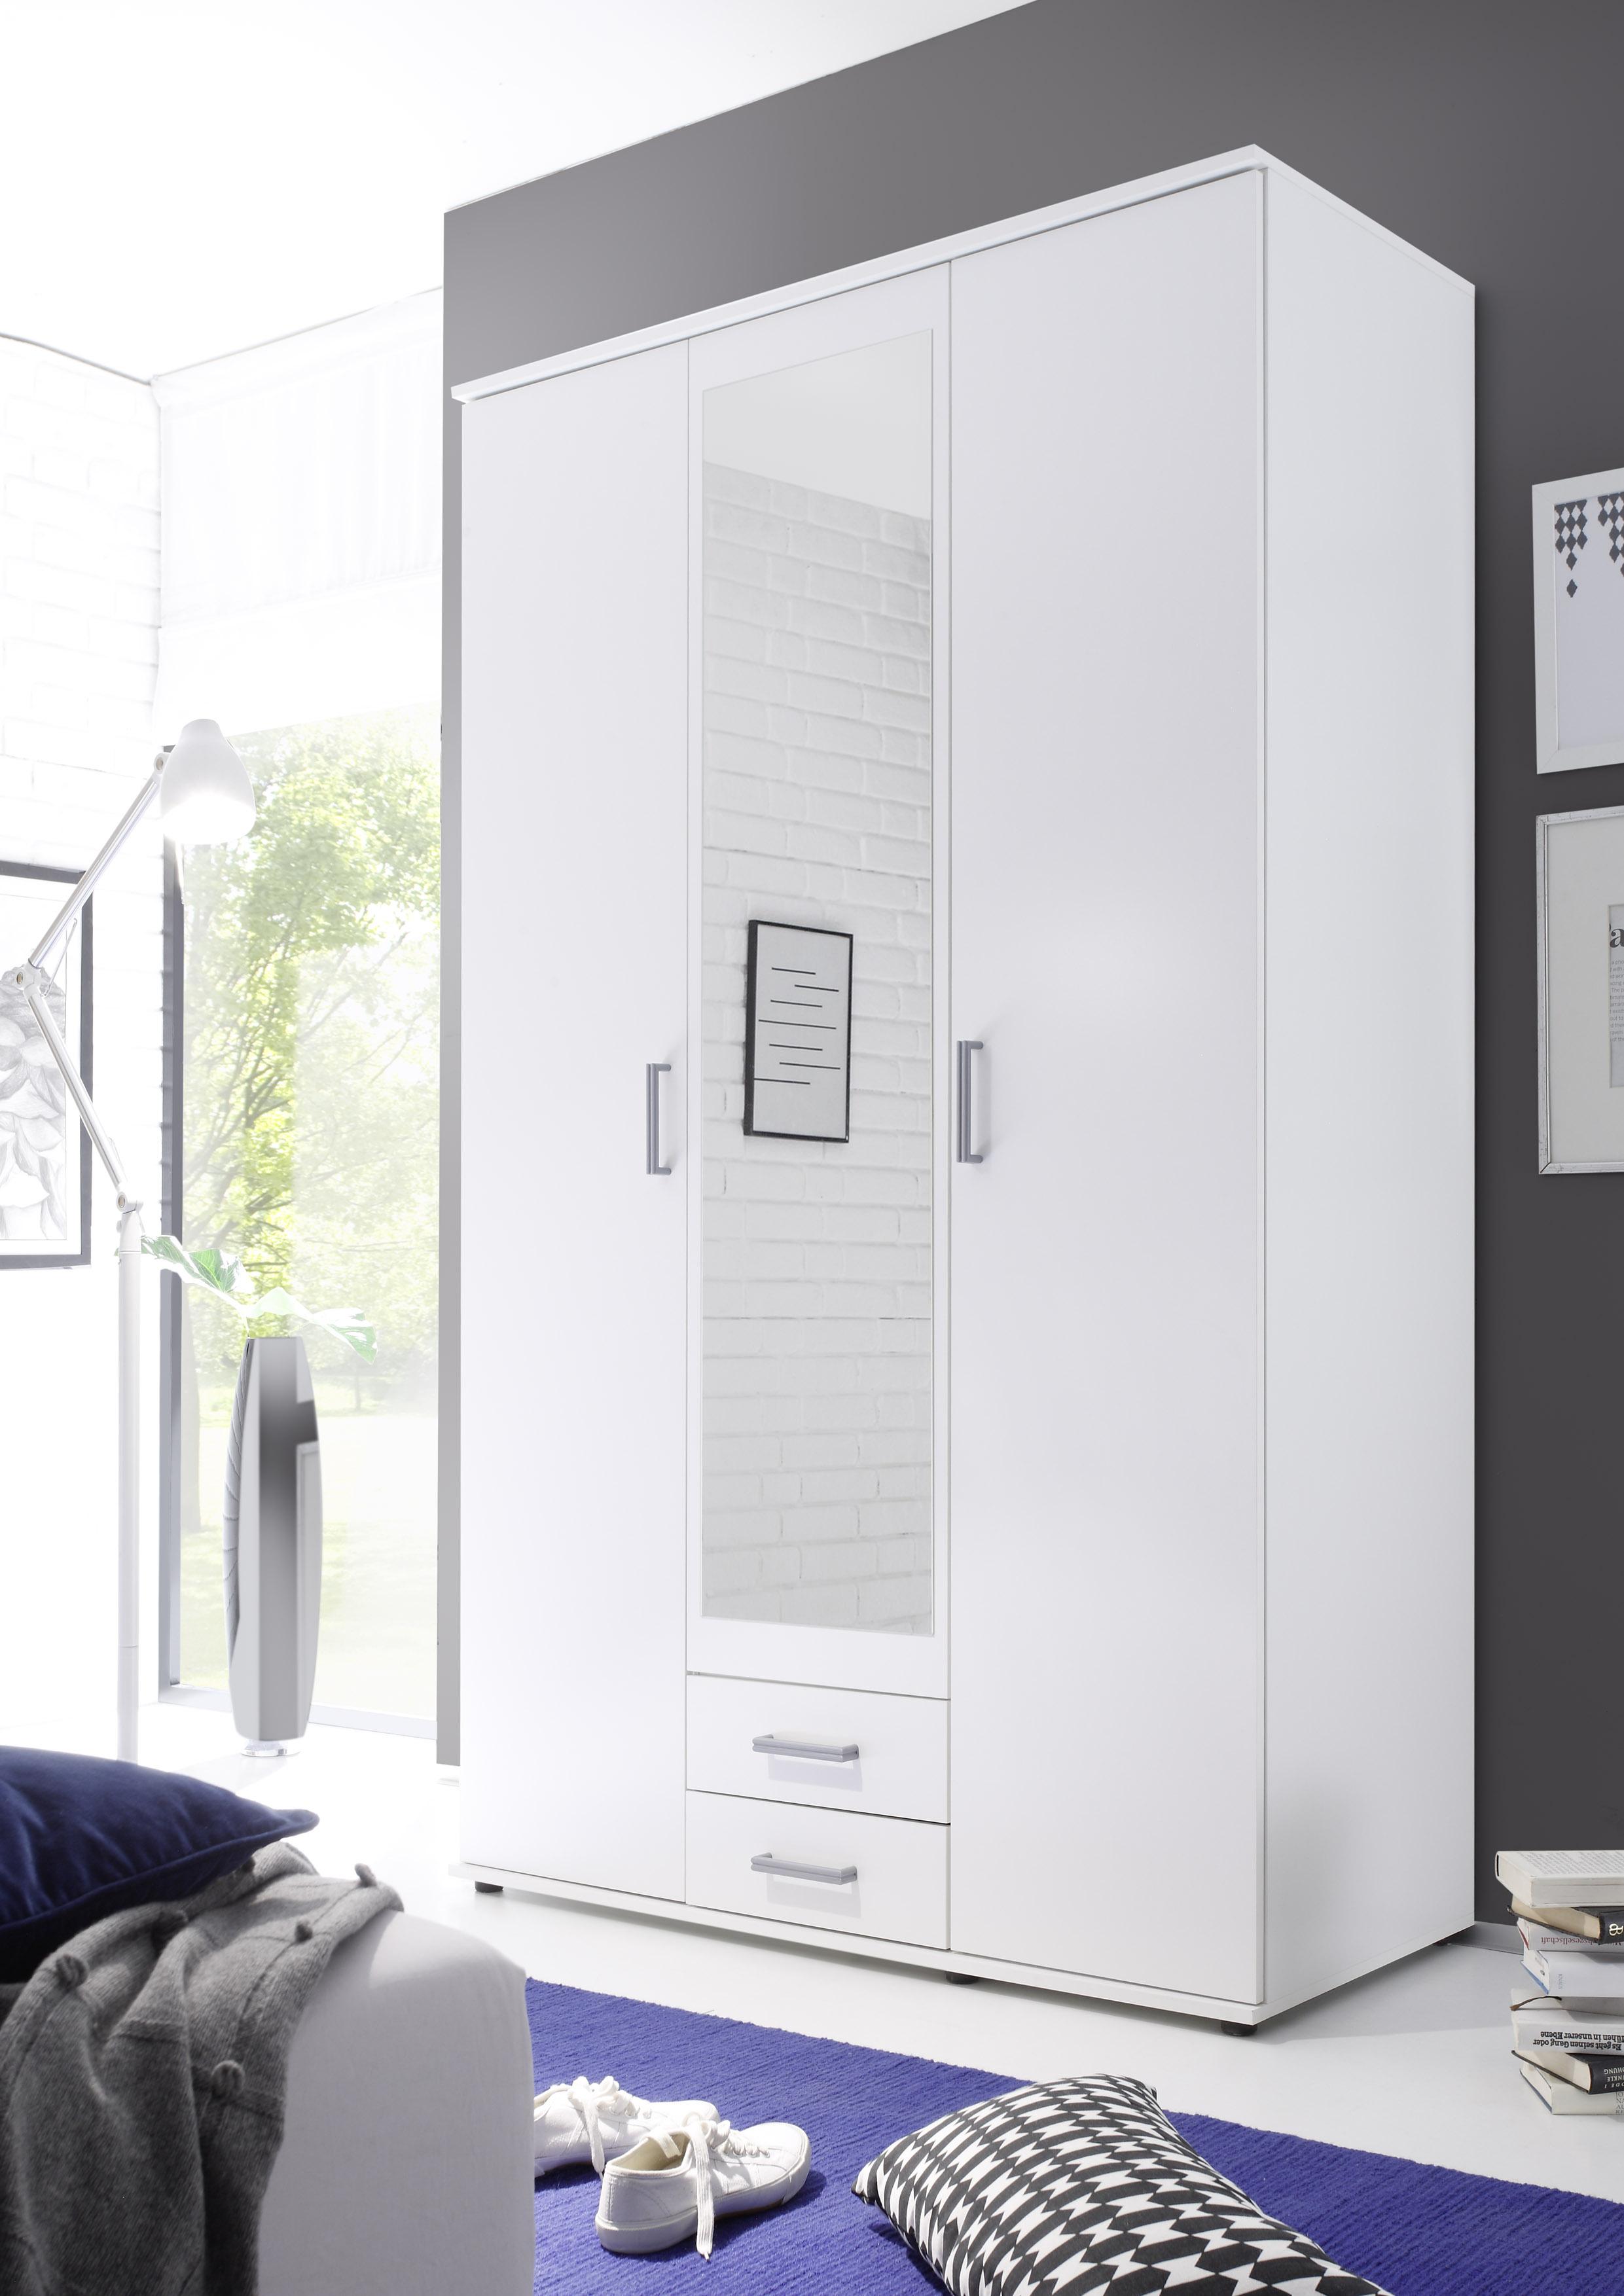 Details zu Kleiderschrank Karl, Weiß, mit Spiegel, Drehtürenschrank,  Schrank, Schlafzimmer